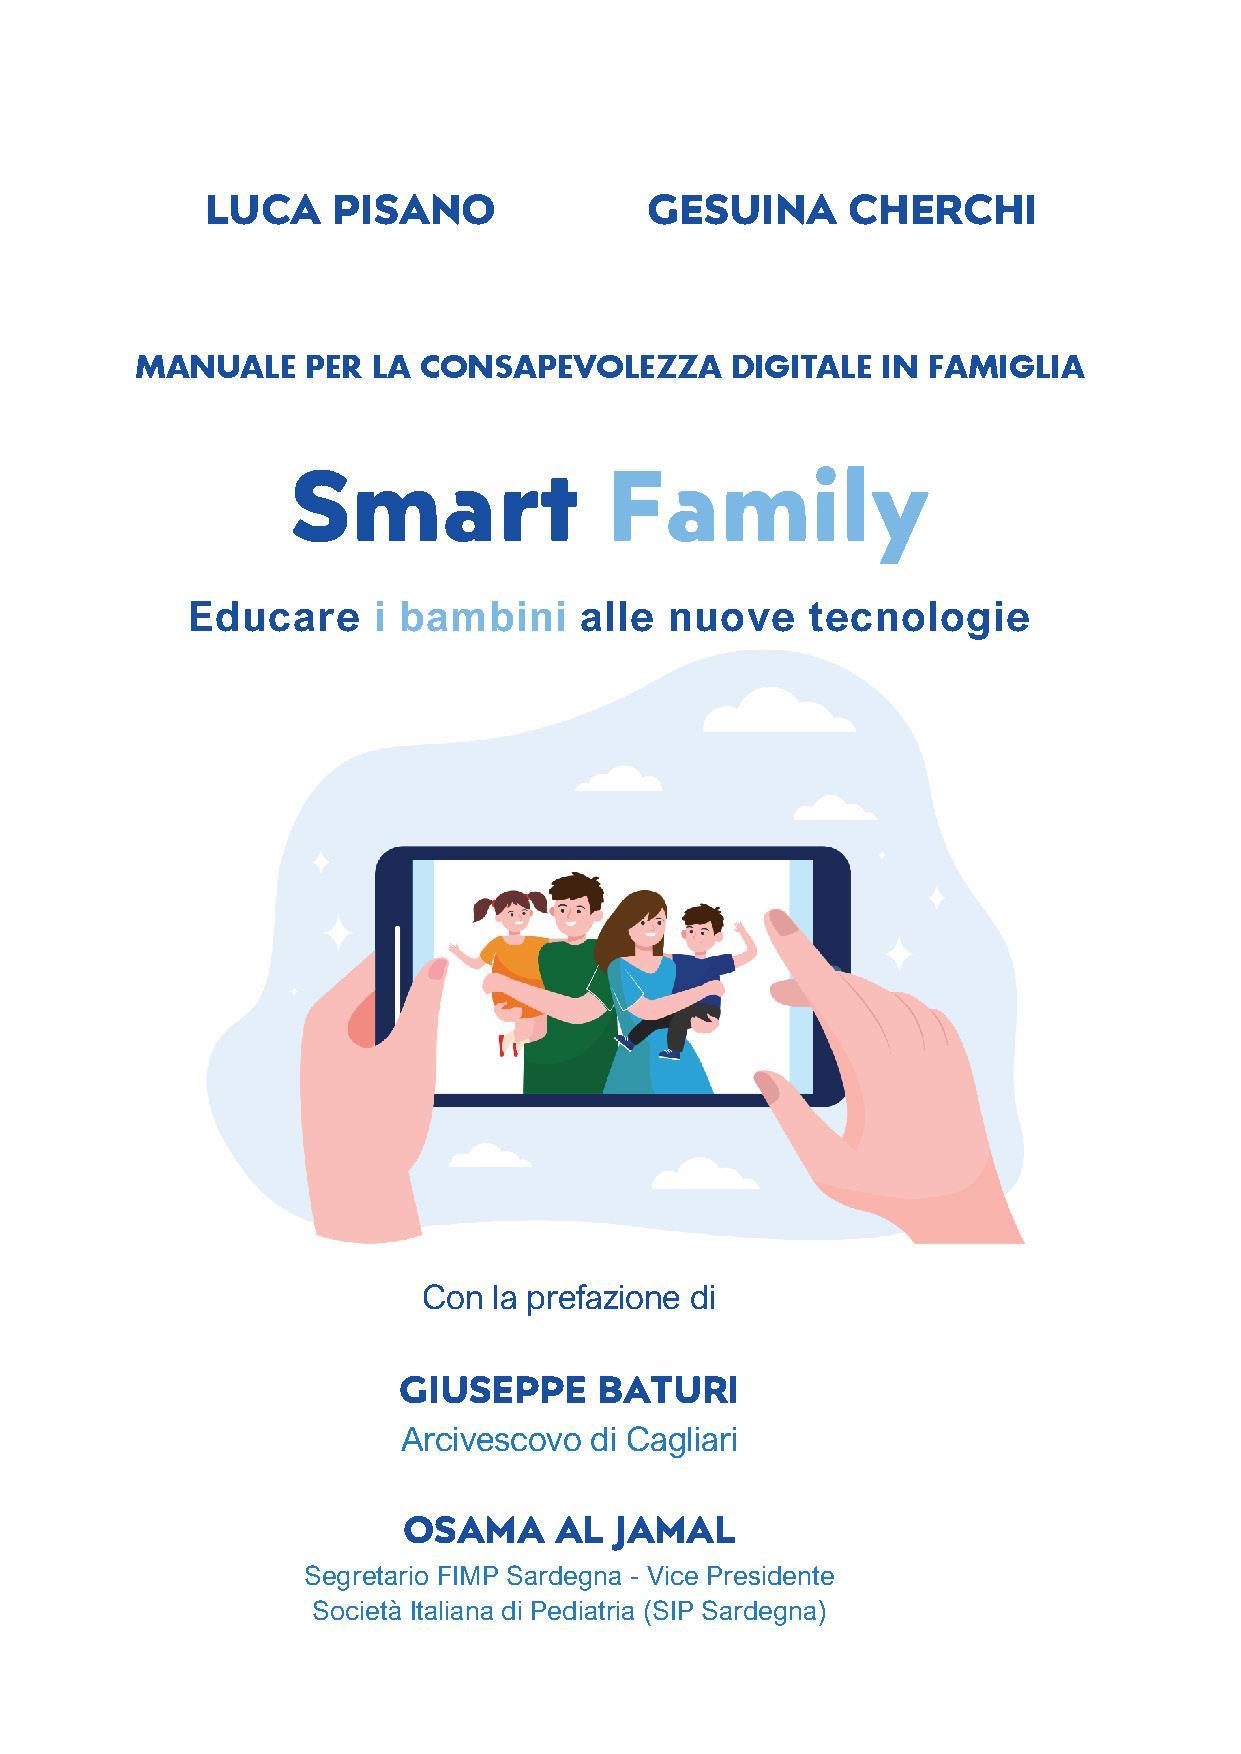 Manuale per la consapevolezza digitale in famiglia.